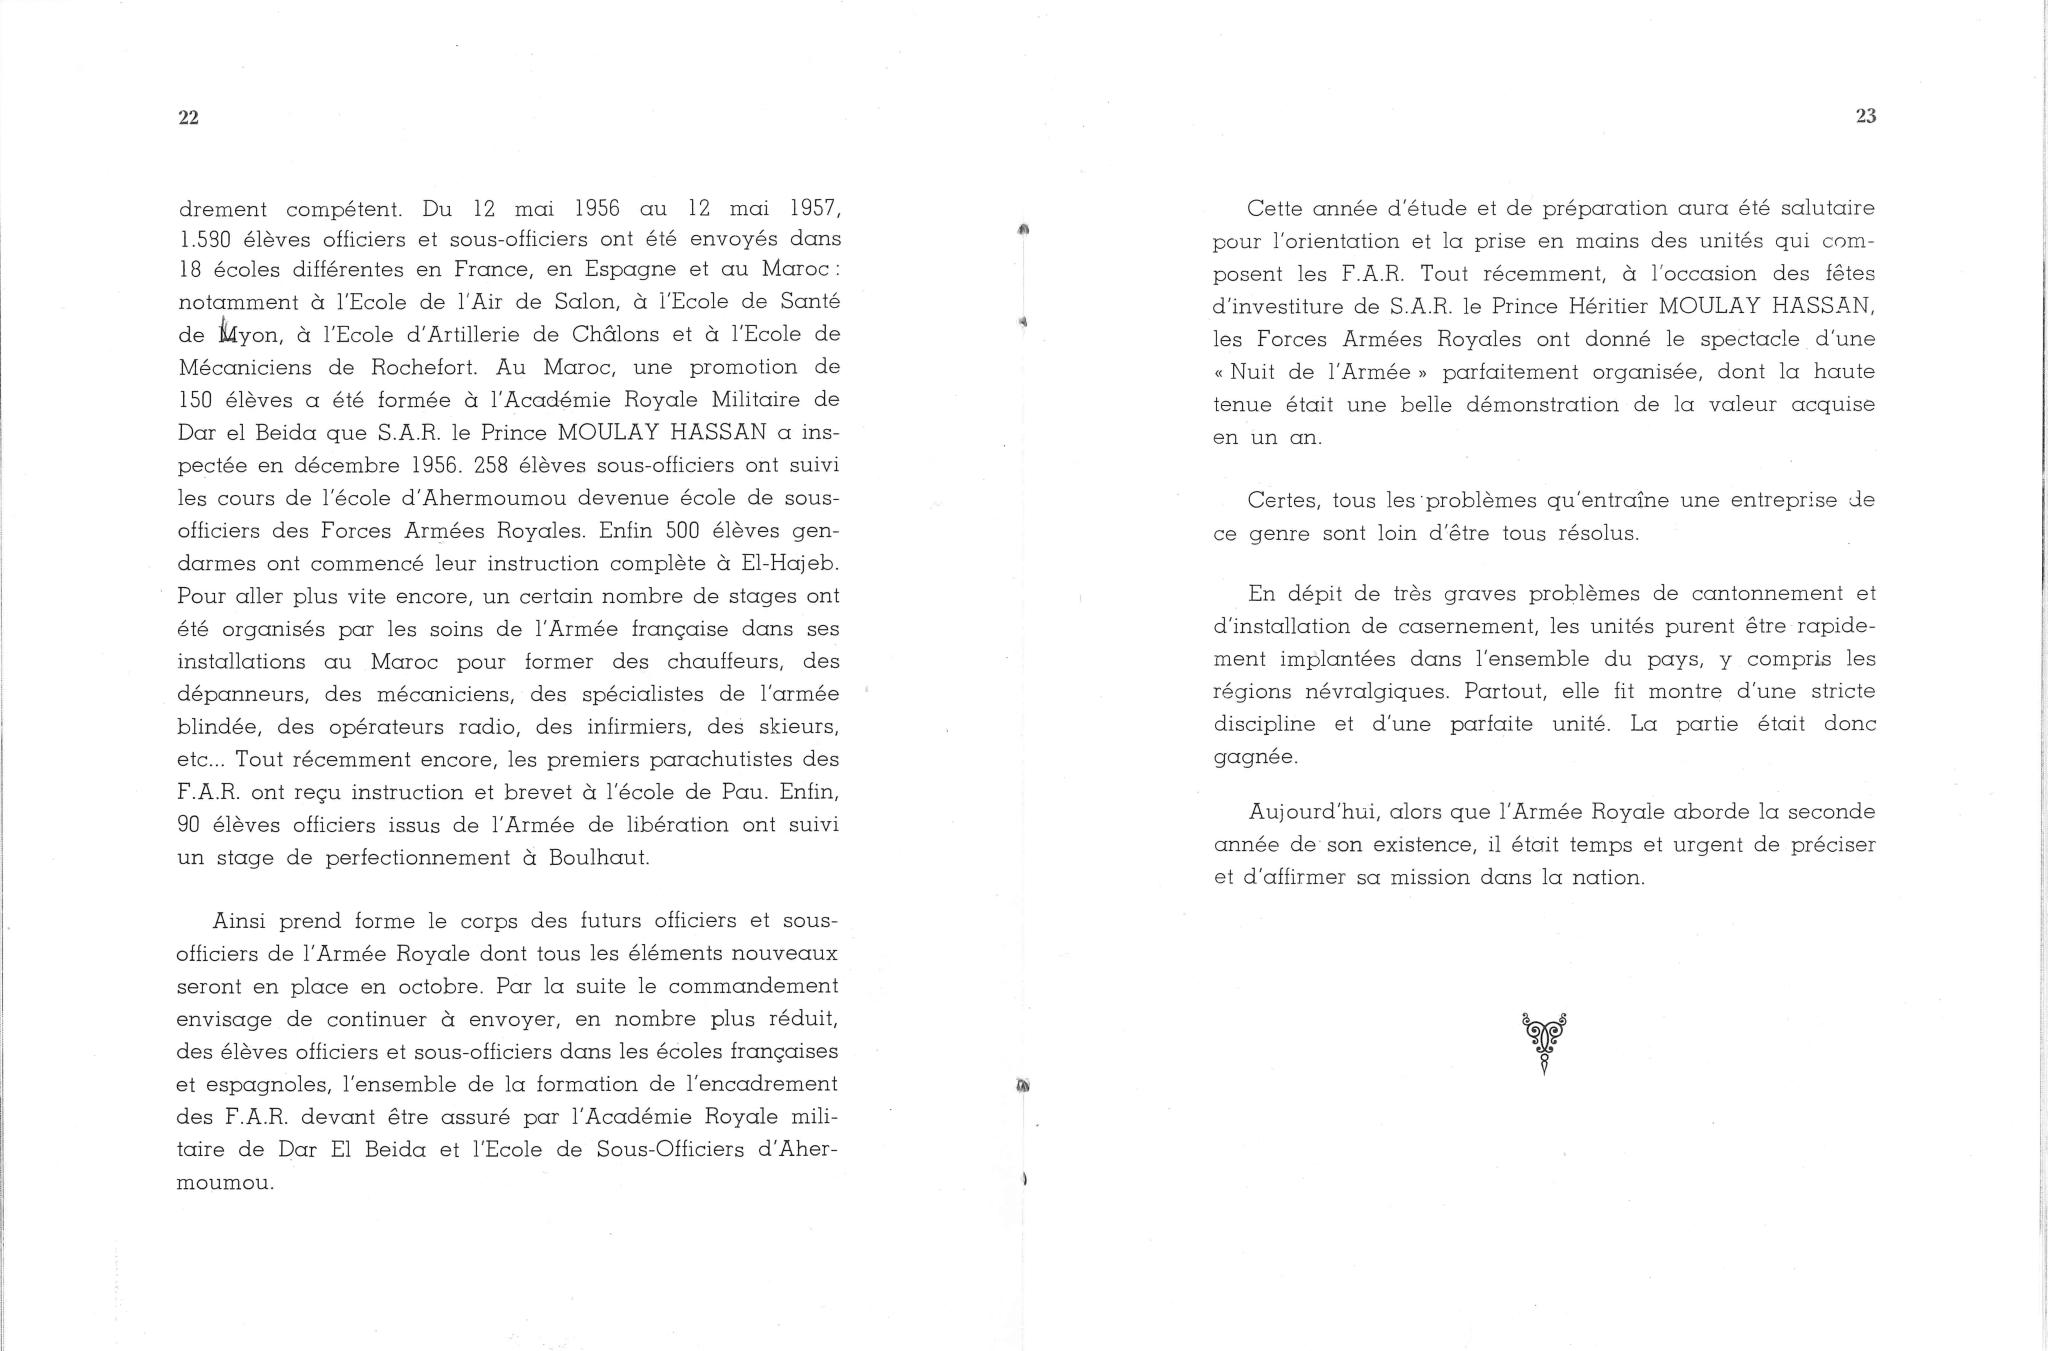 1957 - Les Forces Armées Royales  48642434371_2f4e3bf5b2_o